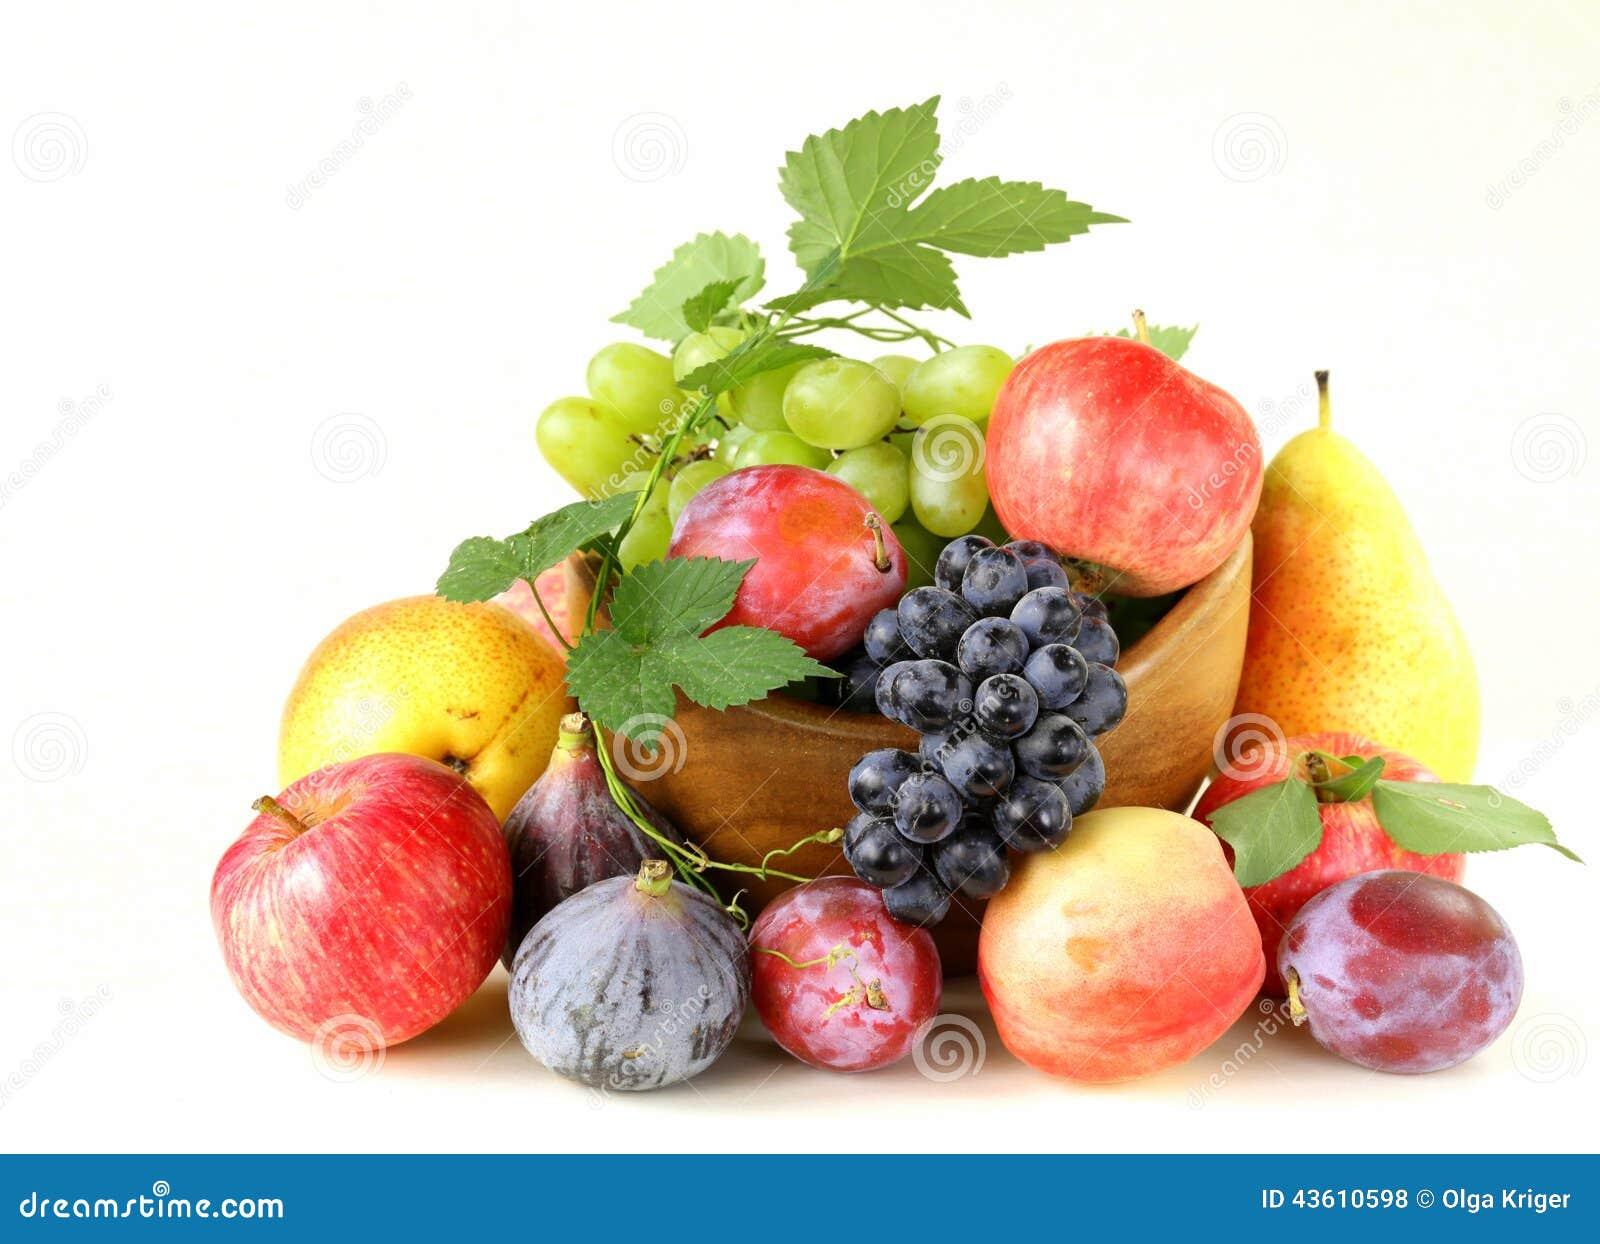 ... autumn harvest fruit grapes figs apples plums assortment autumn